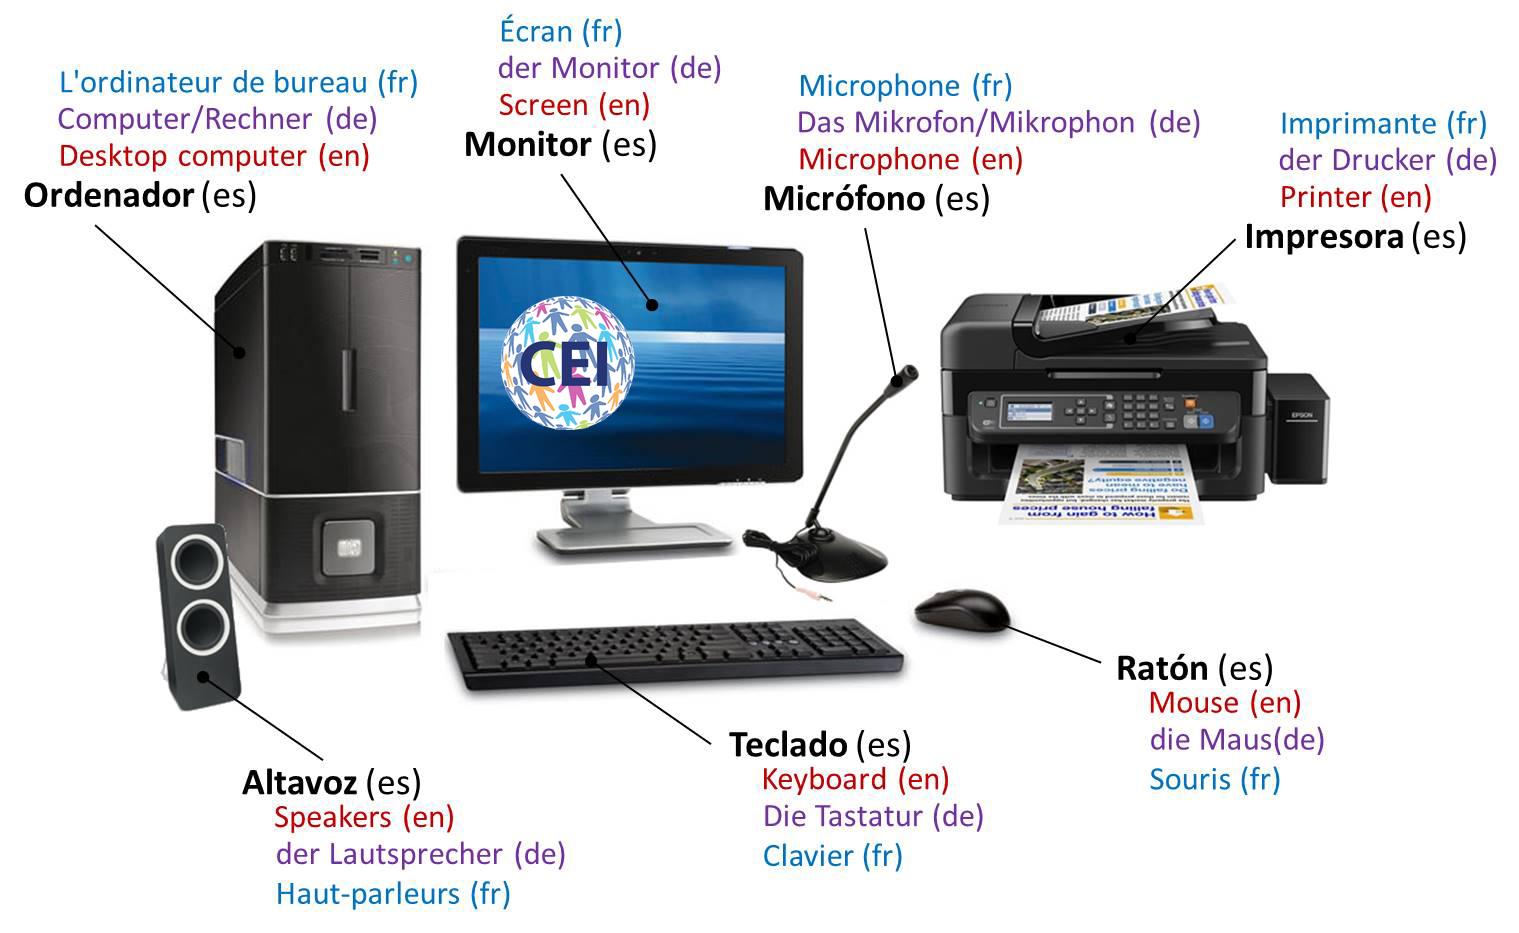 El ordenador en español, inglés, alemán y francés